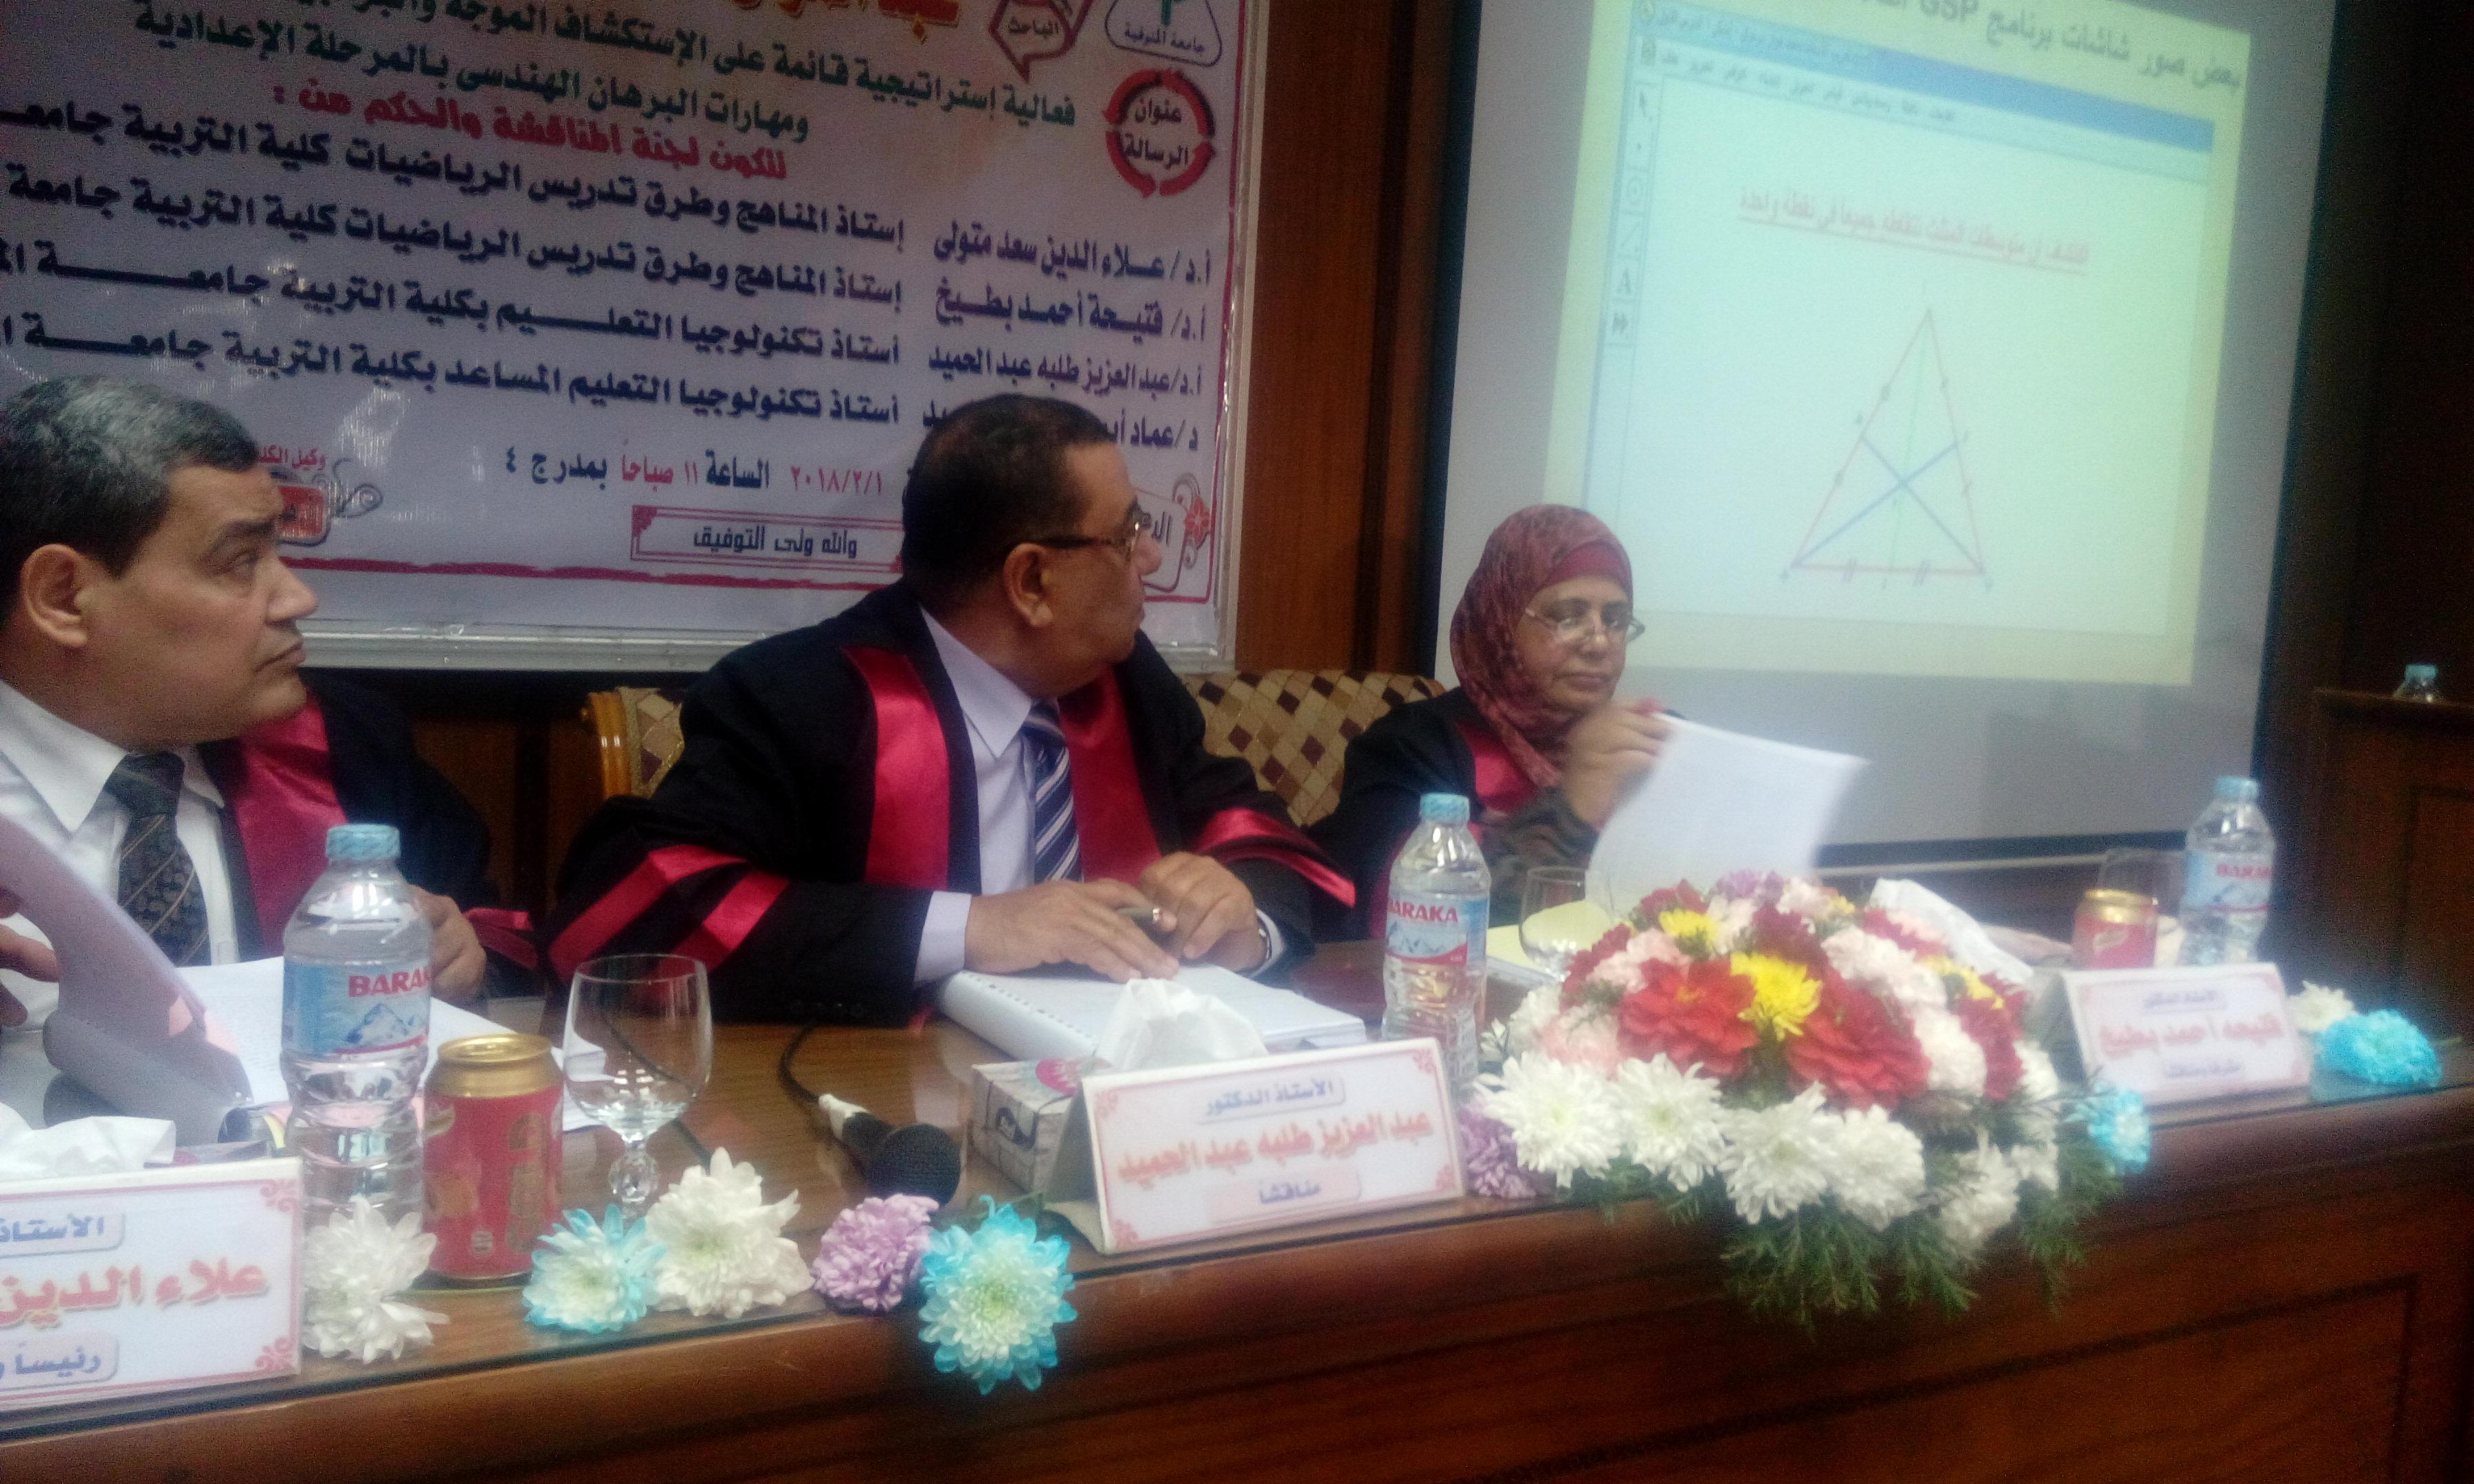 مناقشة رسالة المجاستير المقدمة من  * * * * الباحث * * * *  عبد المولي عبد الرحمن عبد المولي